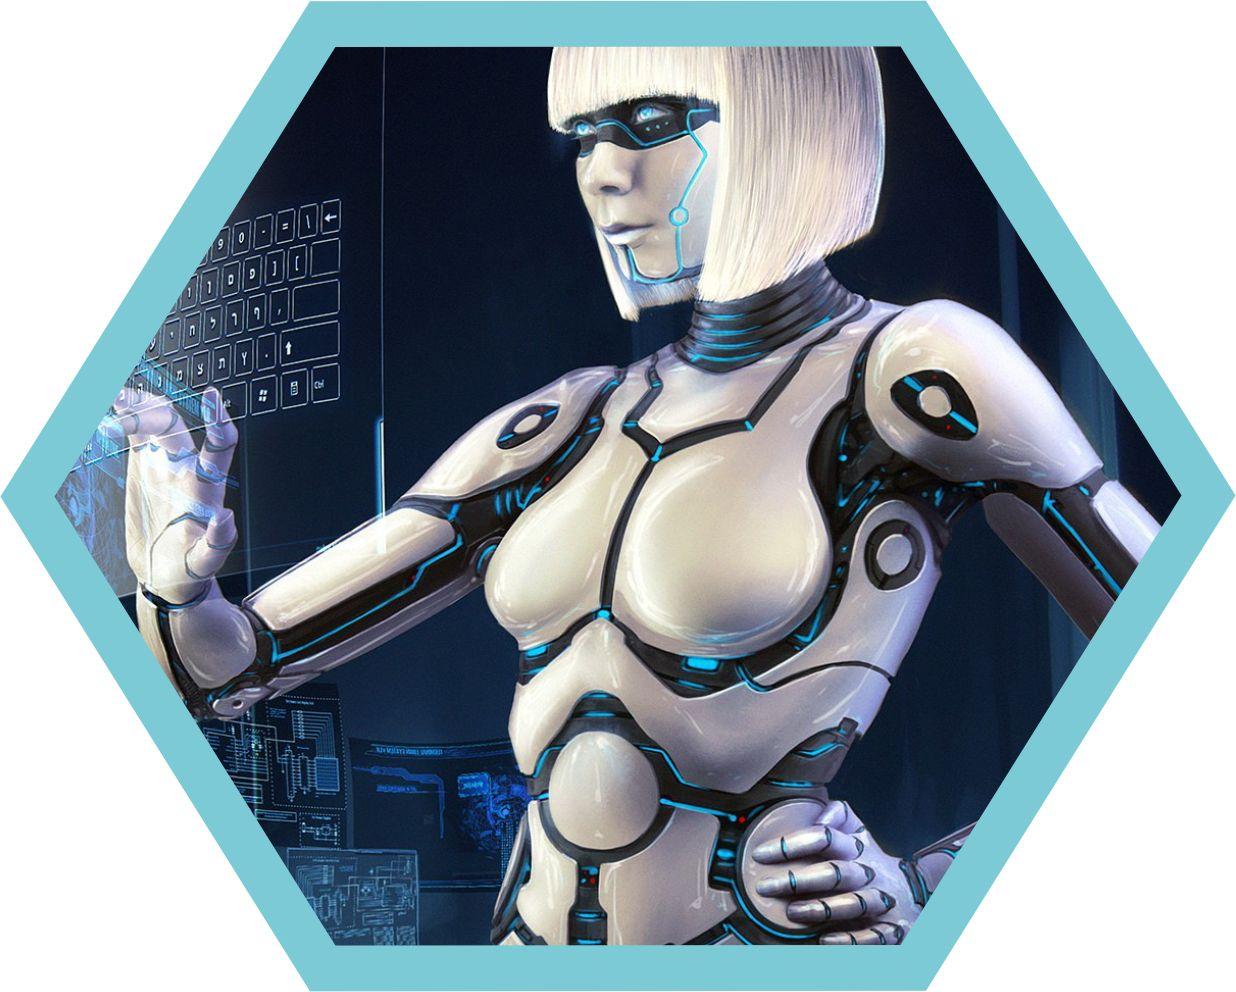 robotGirlCard_Puzzard_AugmentedReality